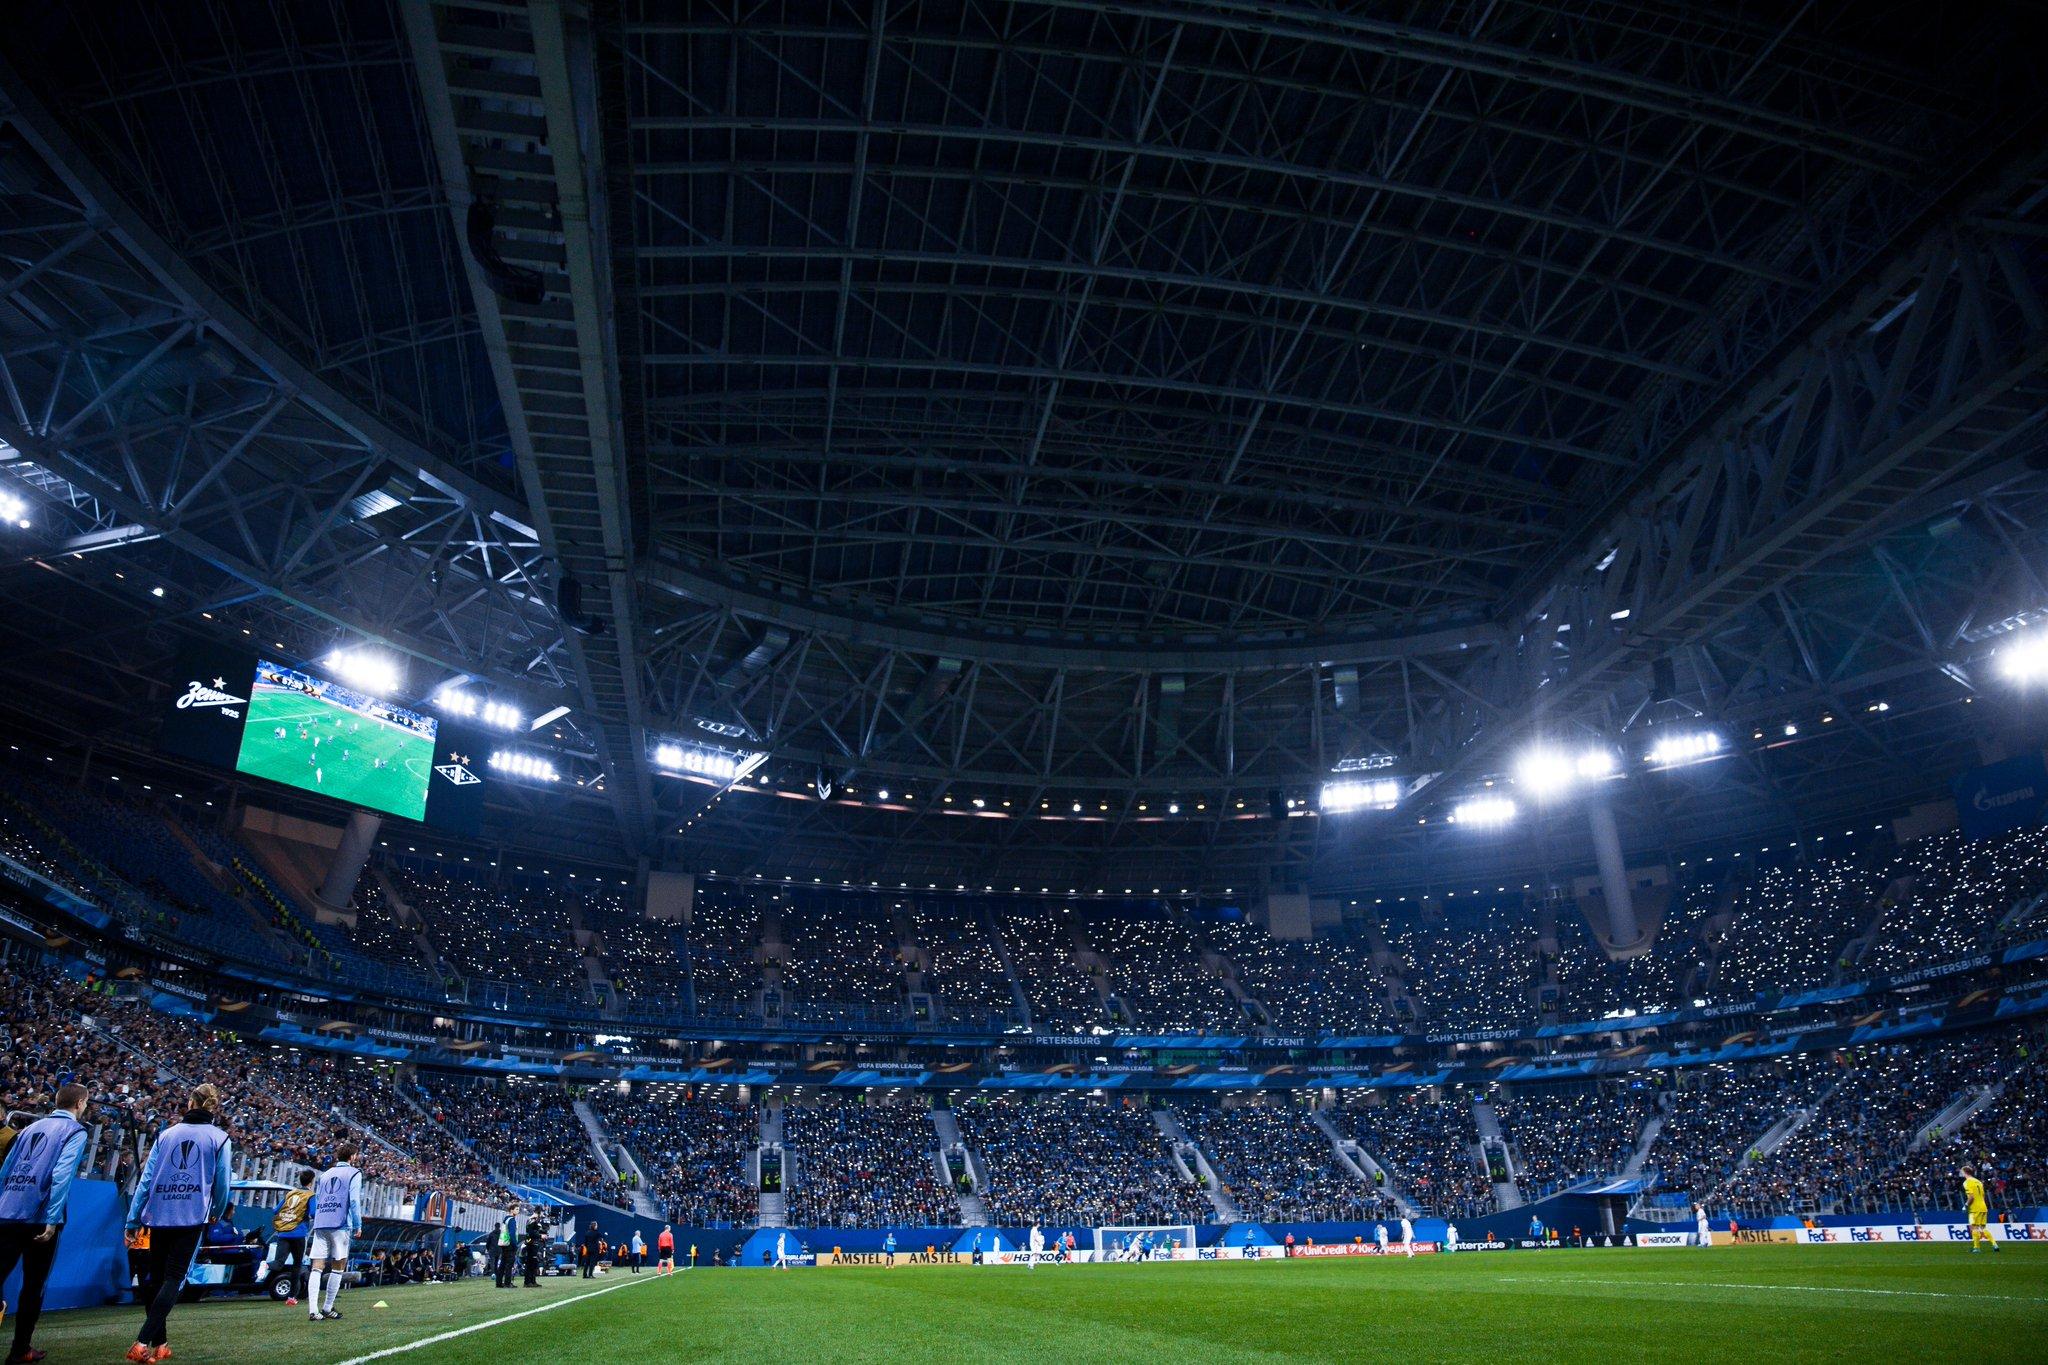 зенит арена фото с матча дом